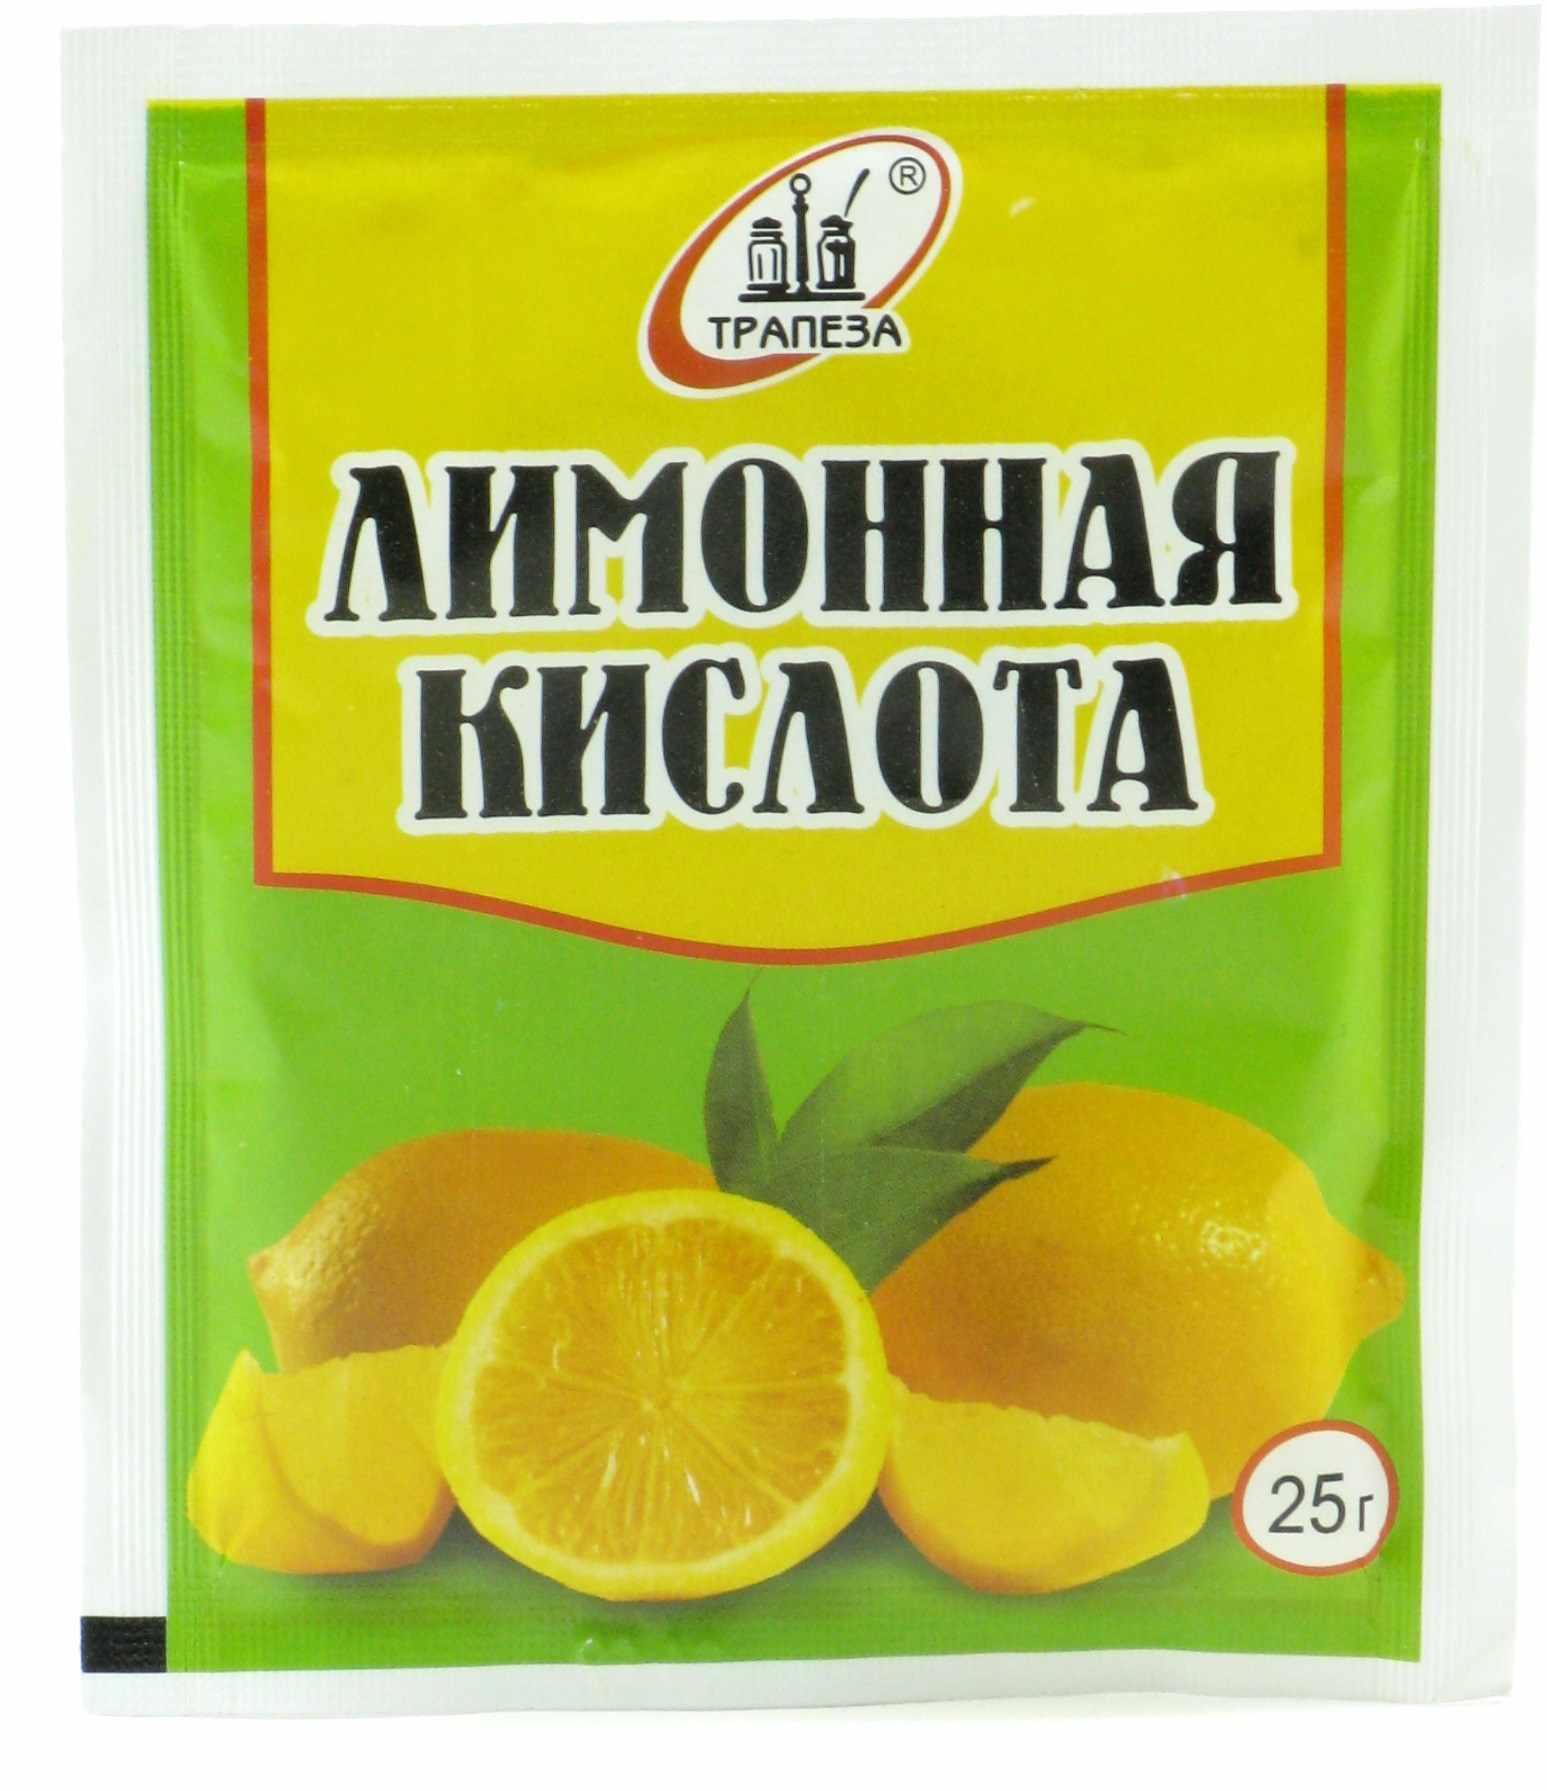 Как из лимонной кислоты сделать уксус